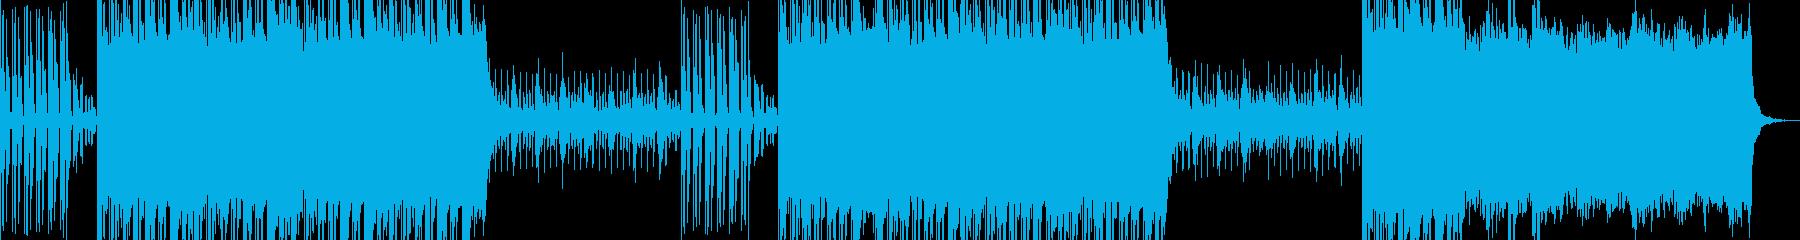 サンプルボイスを使用したストリート系楽曲の再生済みの波形